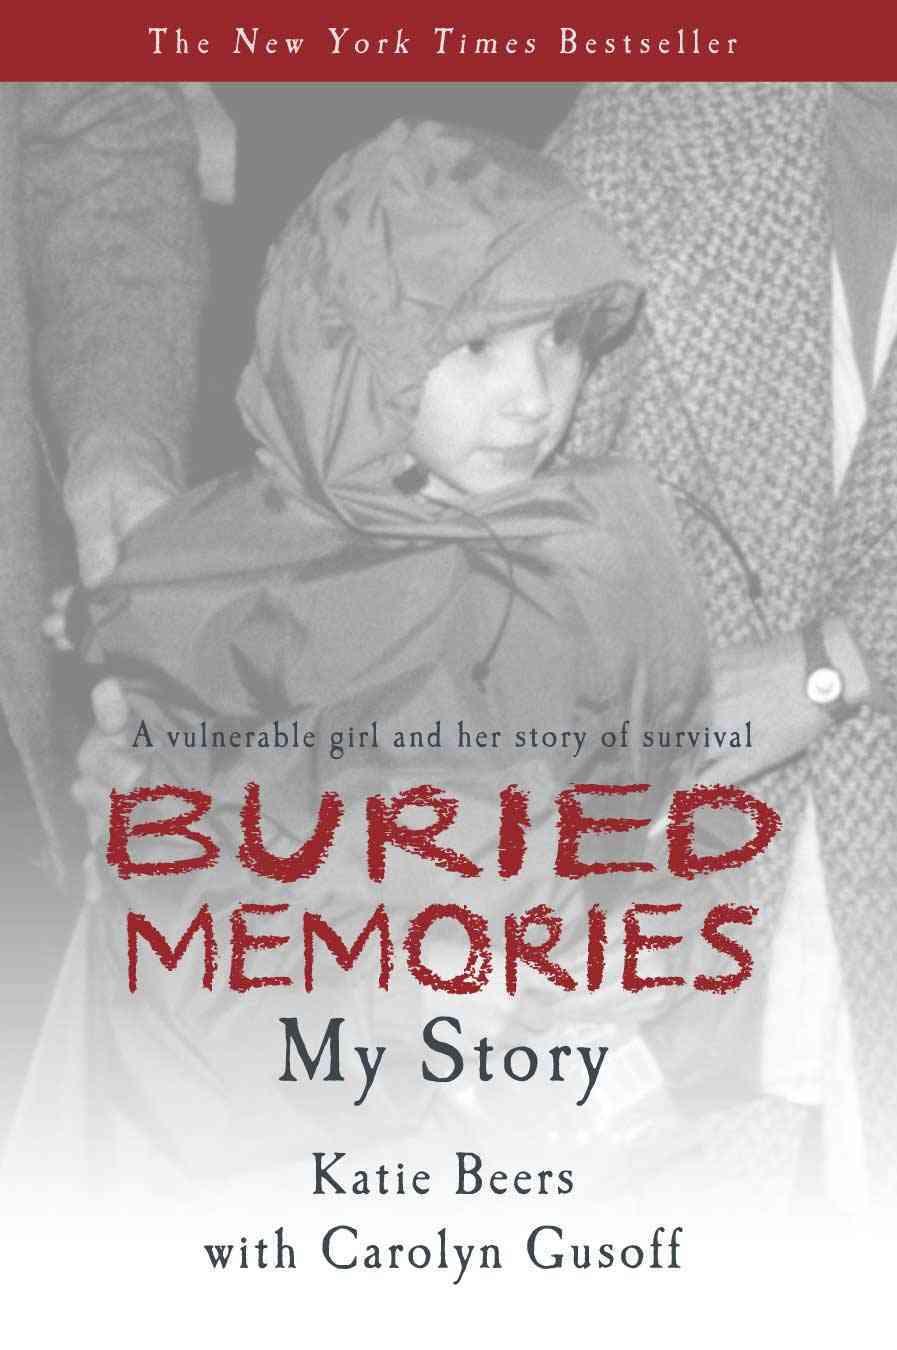 Buried Memories: Katie Beers' Story (Paperback)